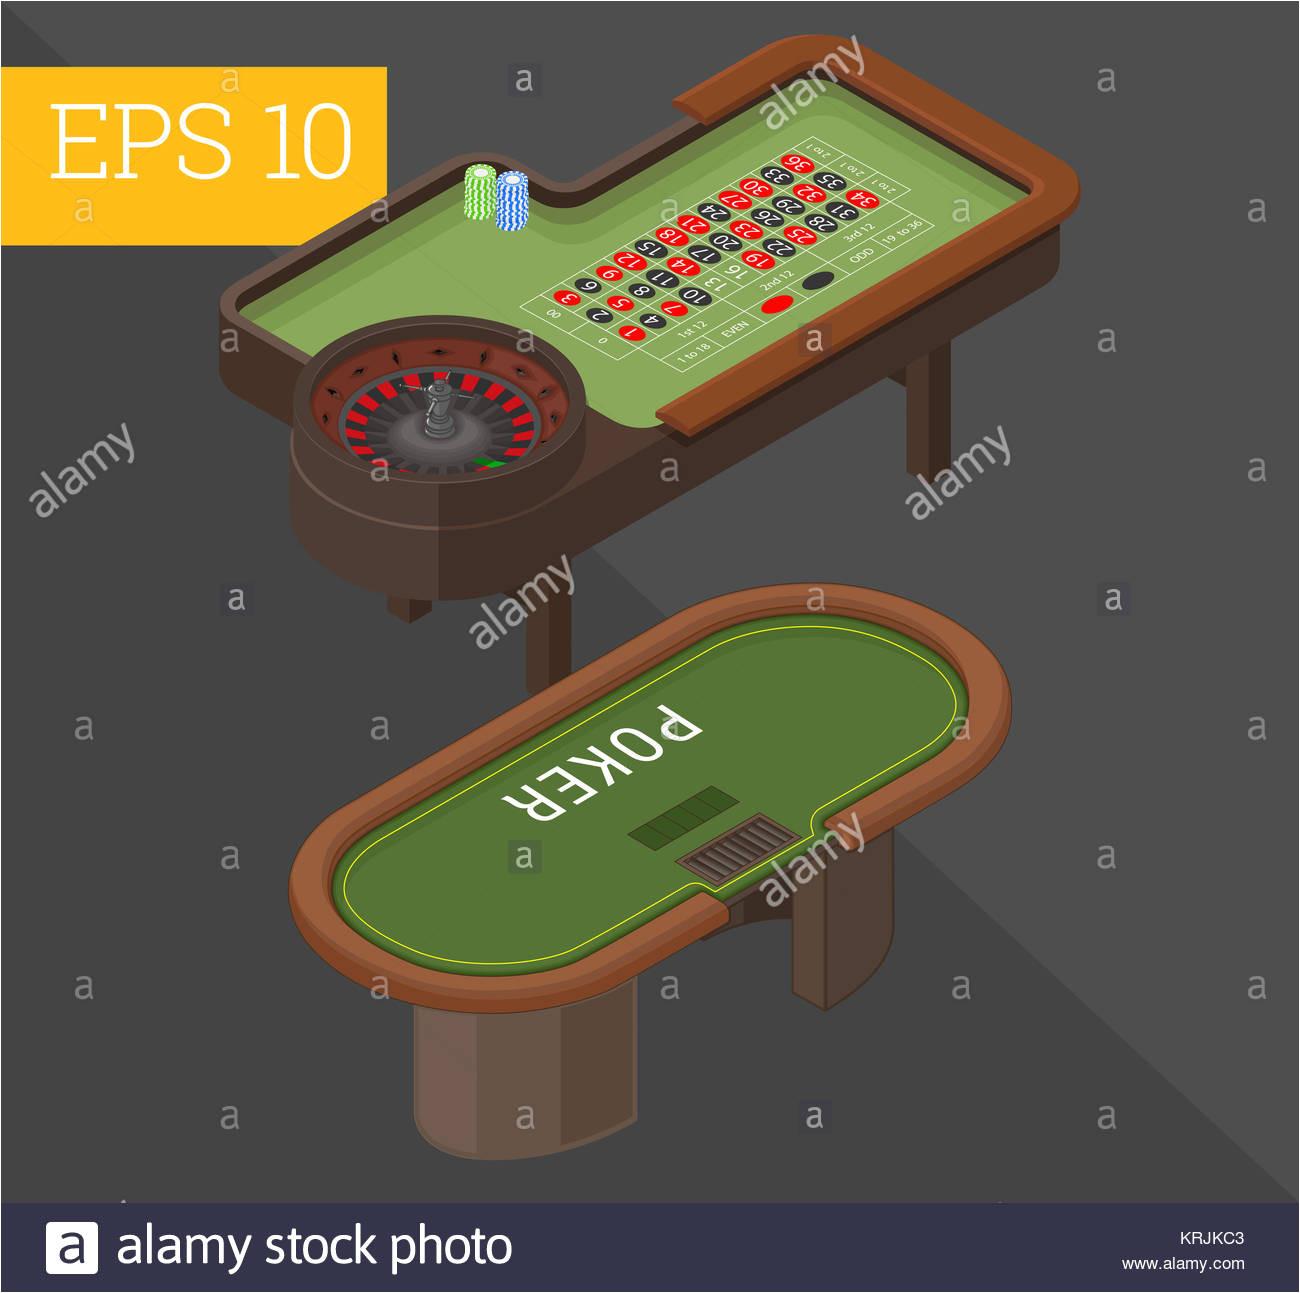 glucksspiel tabellen isometrische vektor illustration stockbild